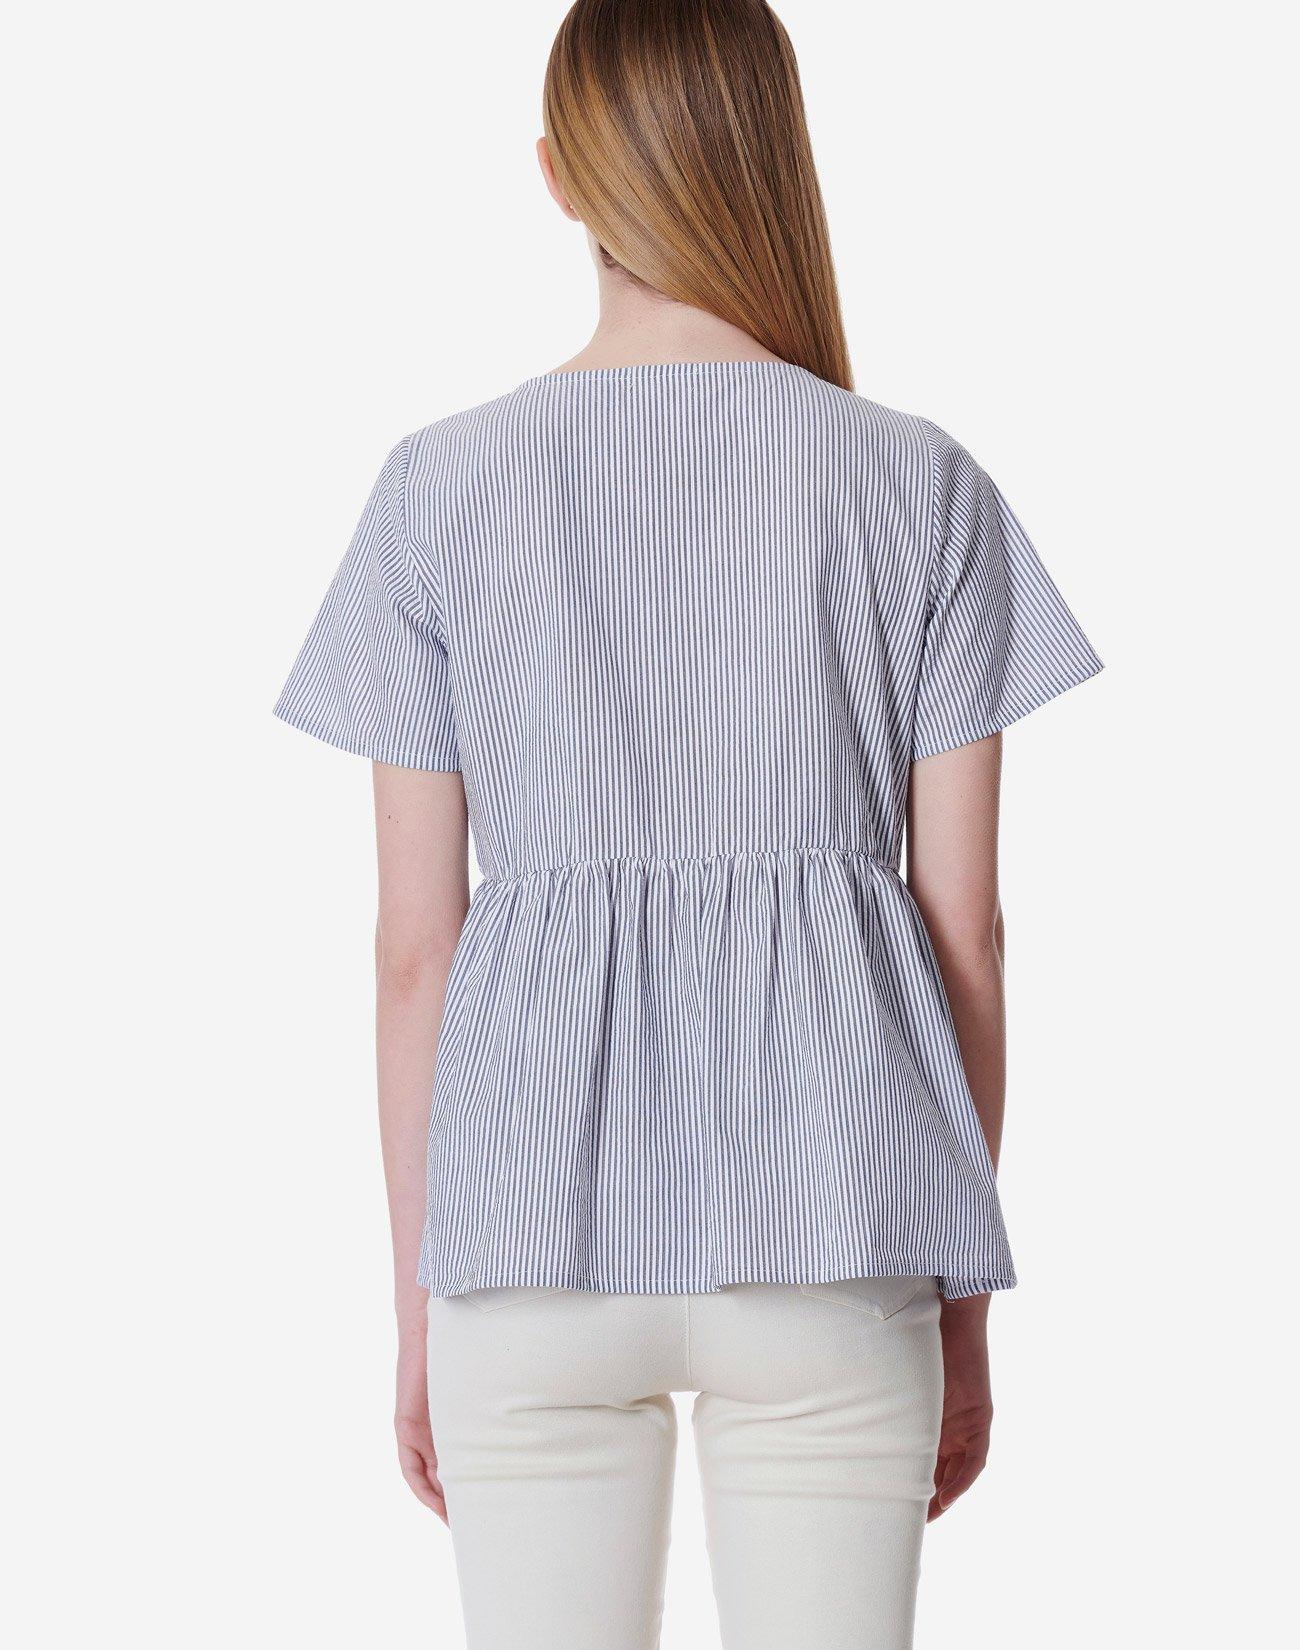 Ριγέ μπλούζα peplum οργανικό βαμβάκι